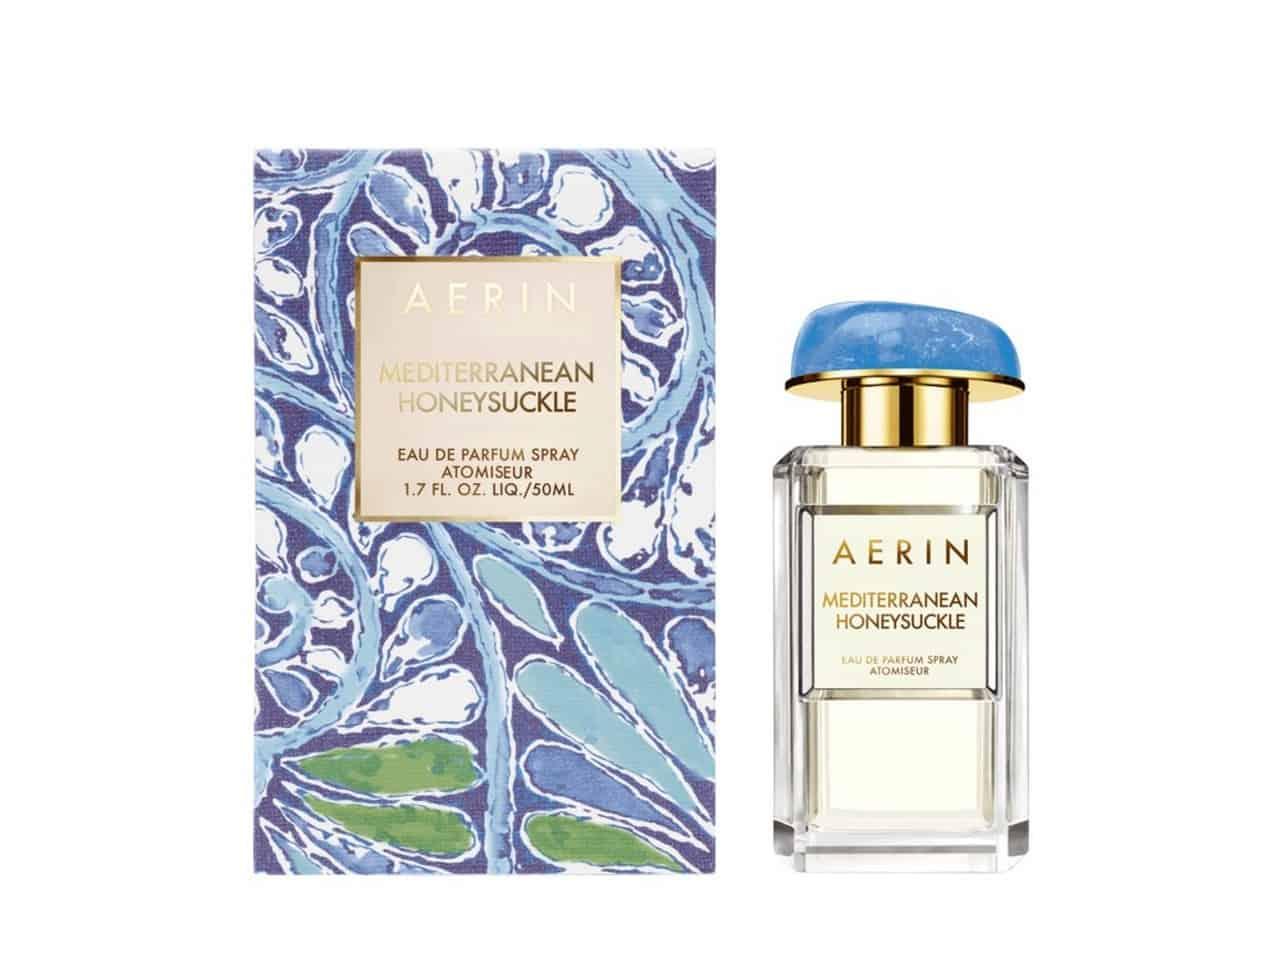 Mediterranean Honeysuckle Eau de Parfum by Aerin Lauder